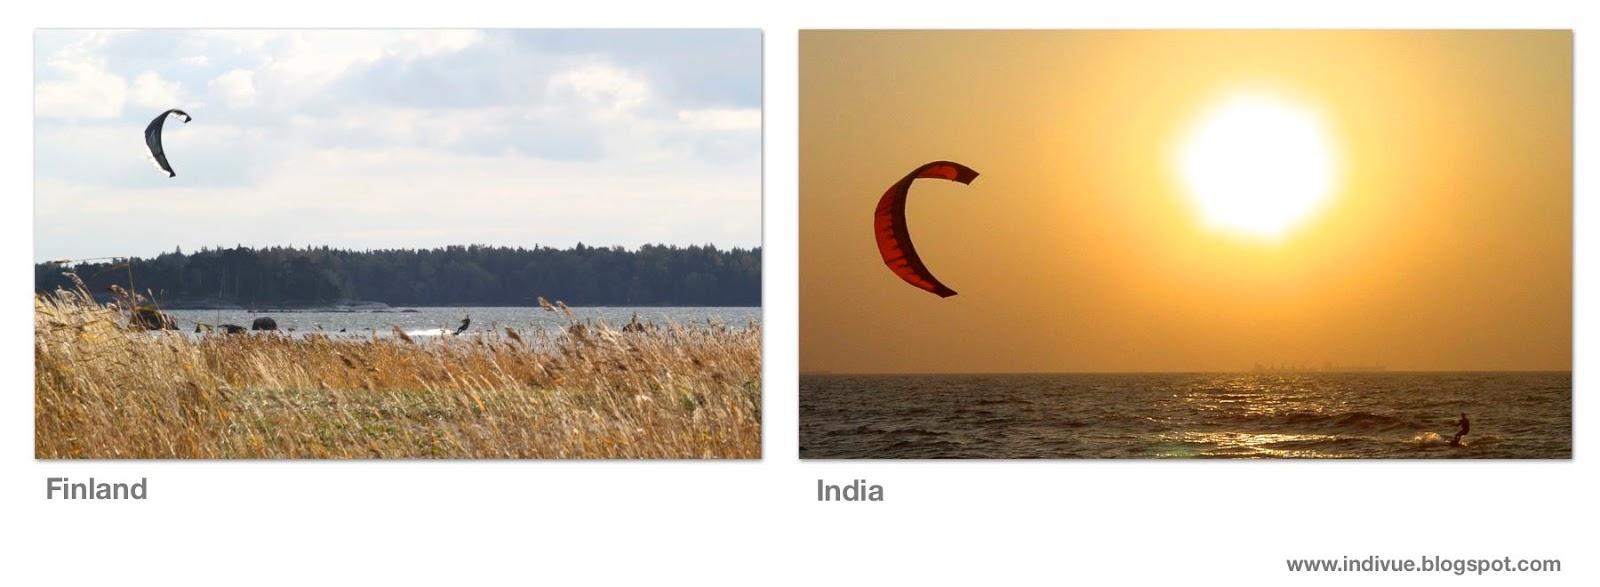 Suomalainen ja intialainen purjelautailu